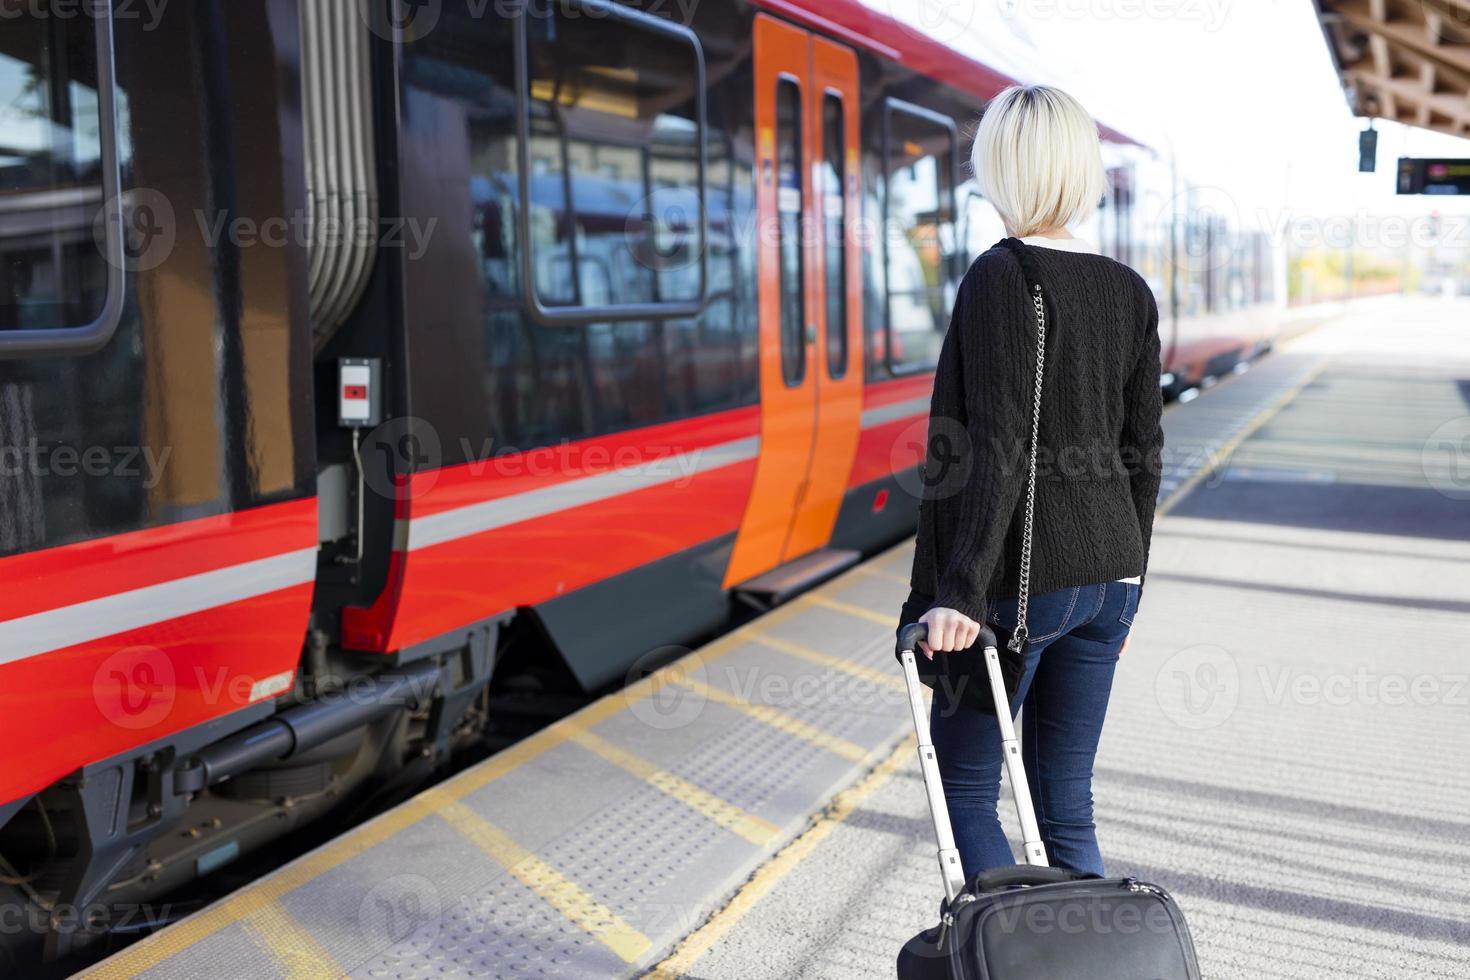 giovane donna in un terminal dei treni all'aperto foto